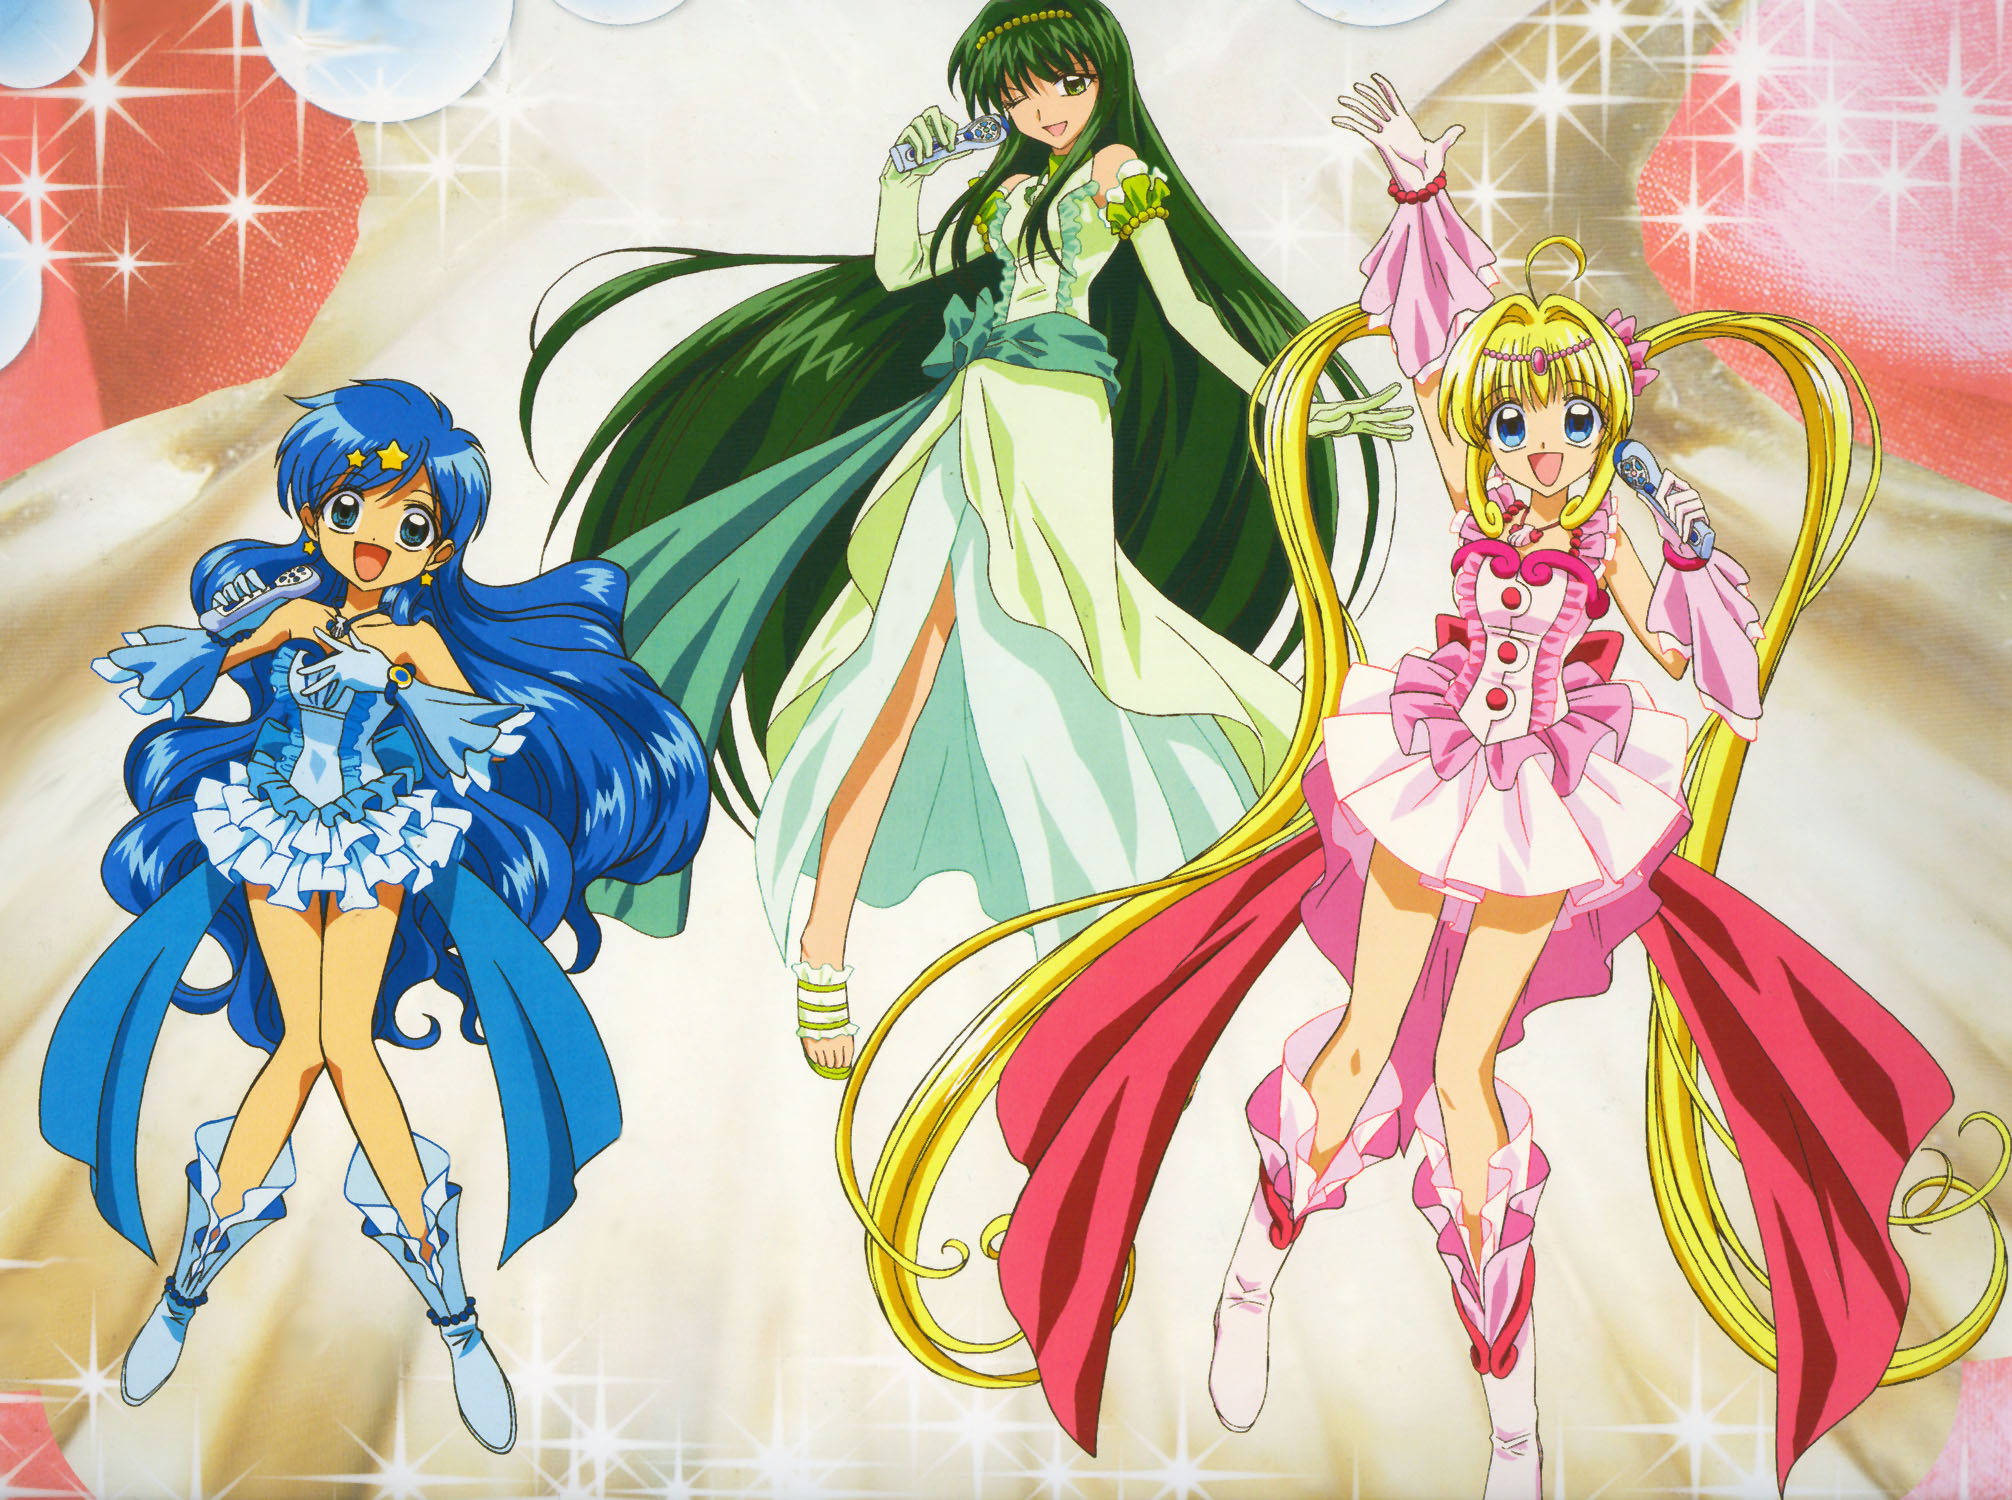 Mermaid Melody Pichi Pichi Pitch  Hanamori Pink  Image 257216